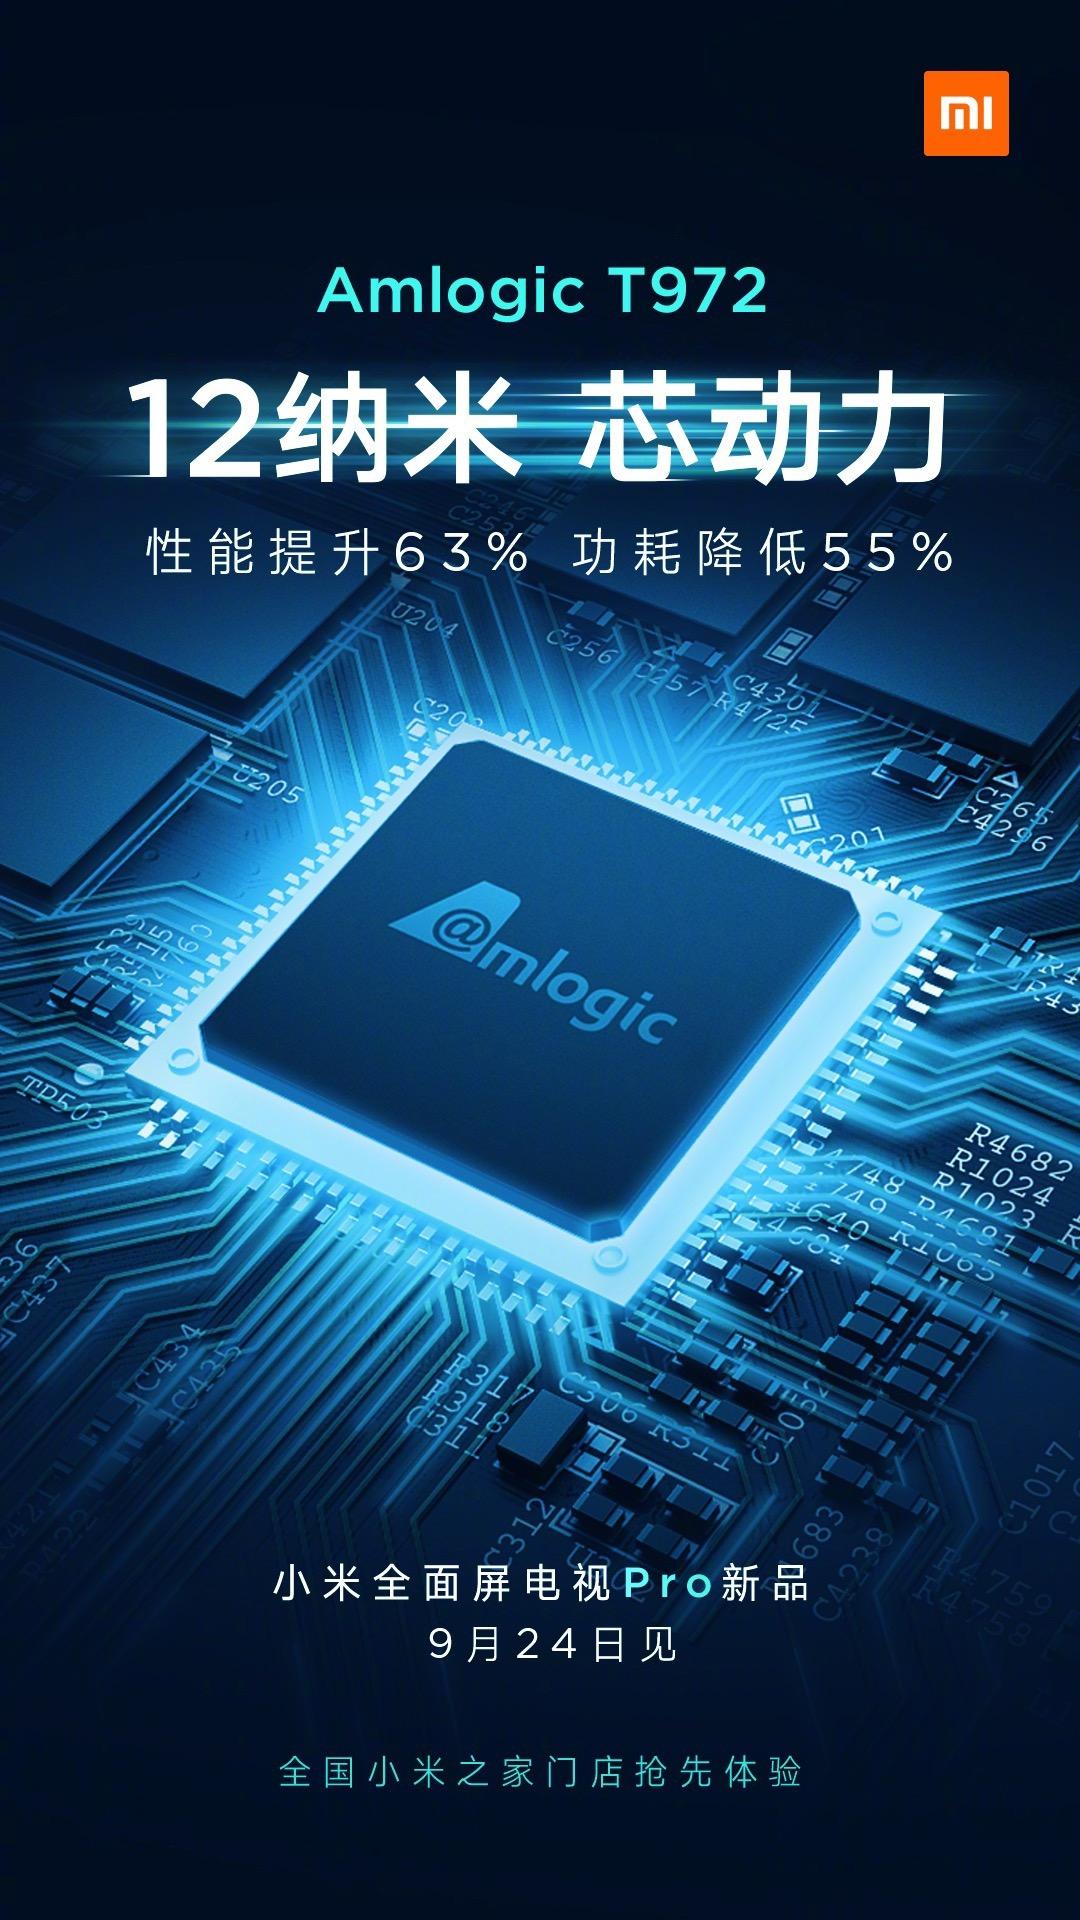 Los nuevos Xiaomi TV Pro tendrán un procesador Amlogic más potente de 12nm. Noticias Xiaomi Adictos